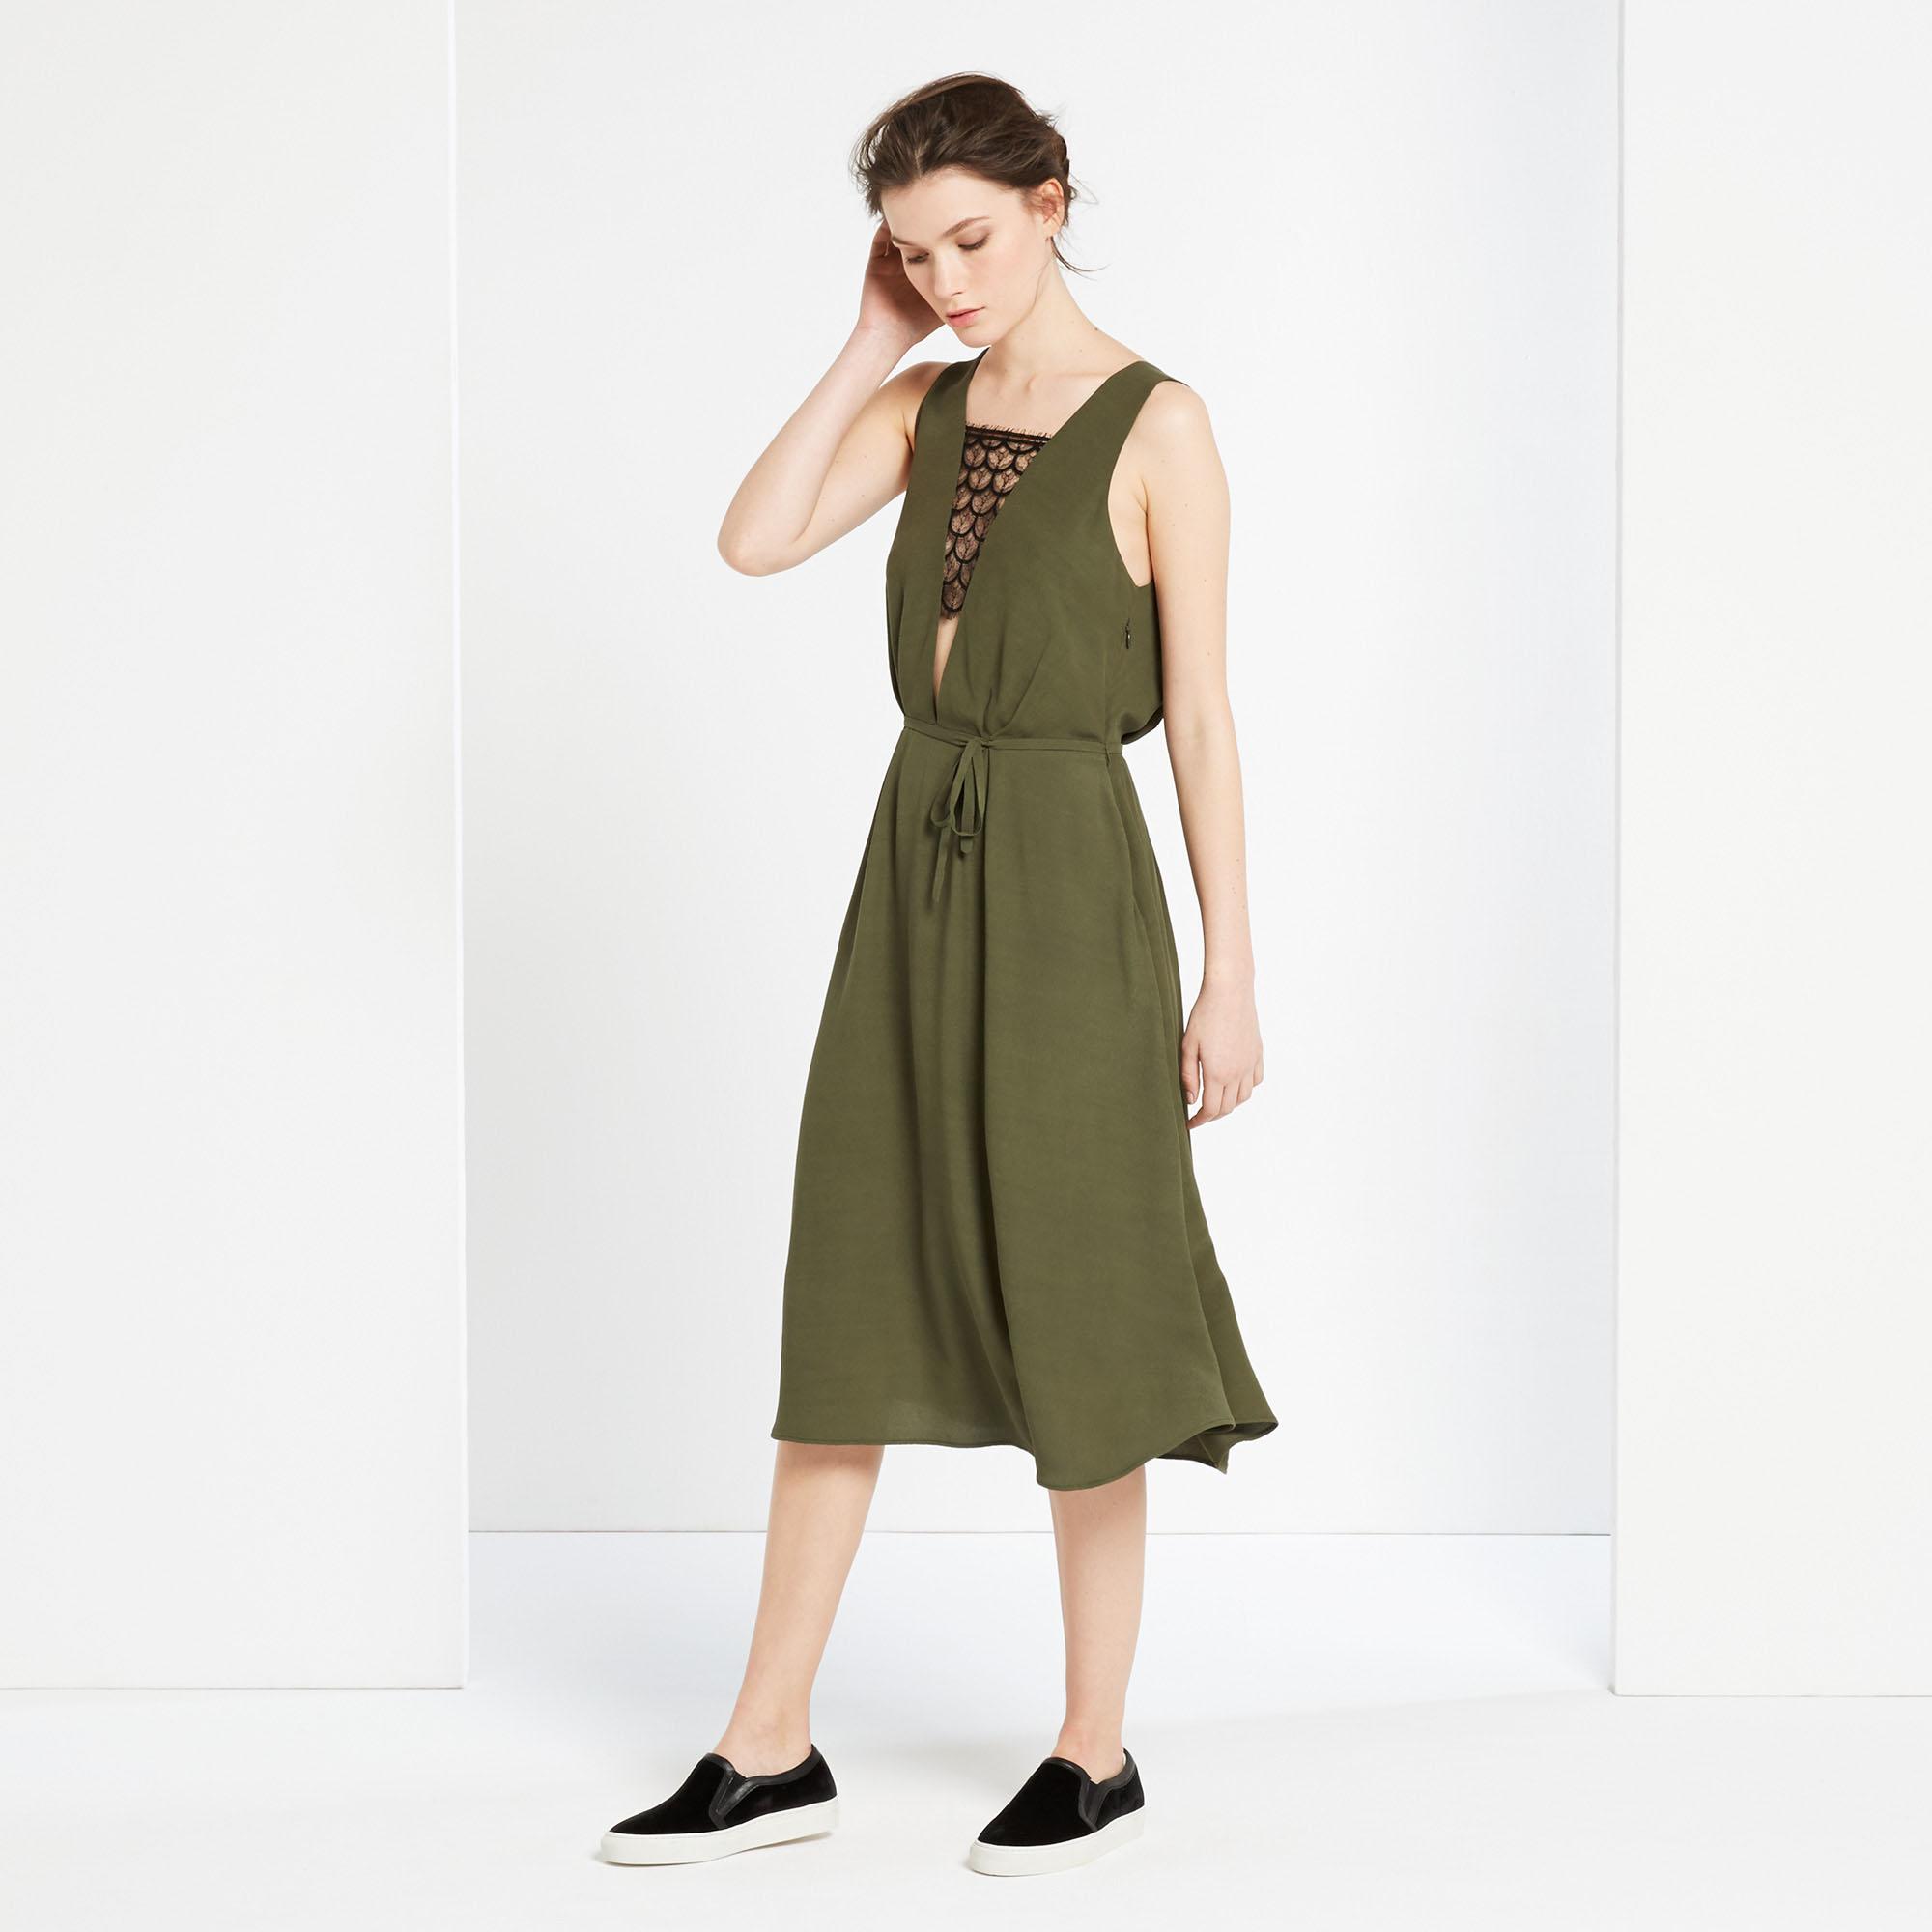 robe kaki sandro 20 robes chics et sexy pour faire durer l t elle. Black Bedroom Furniture Sets. Home Design Ideas